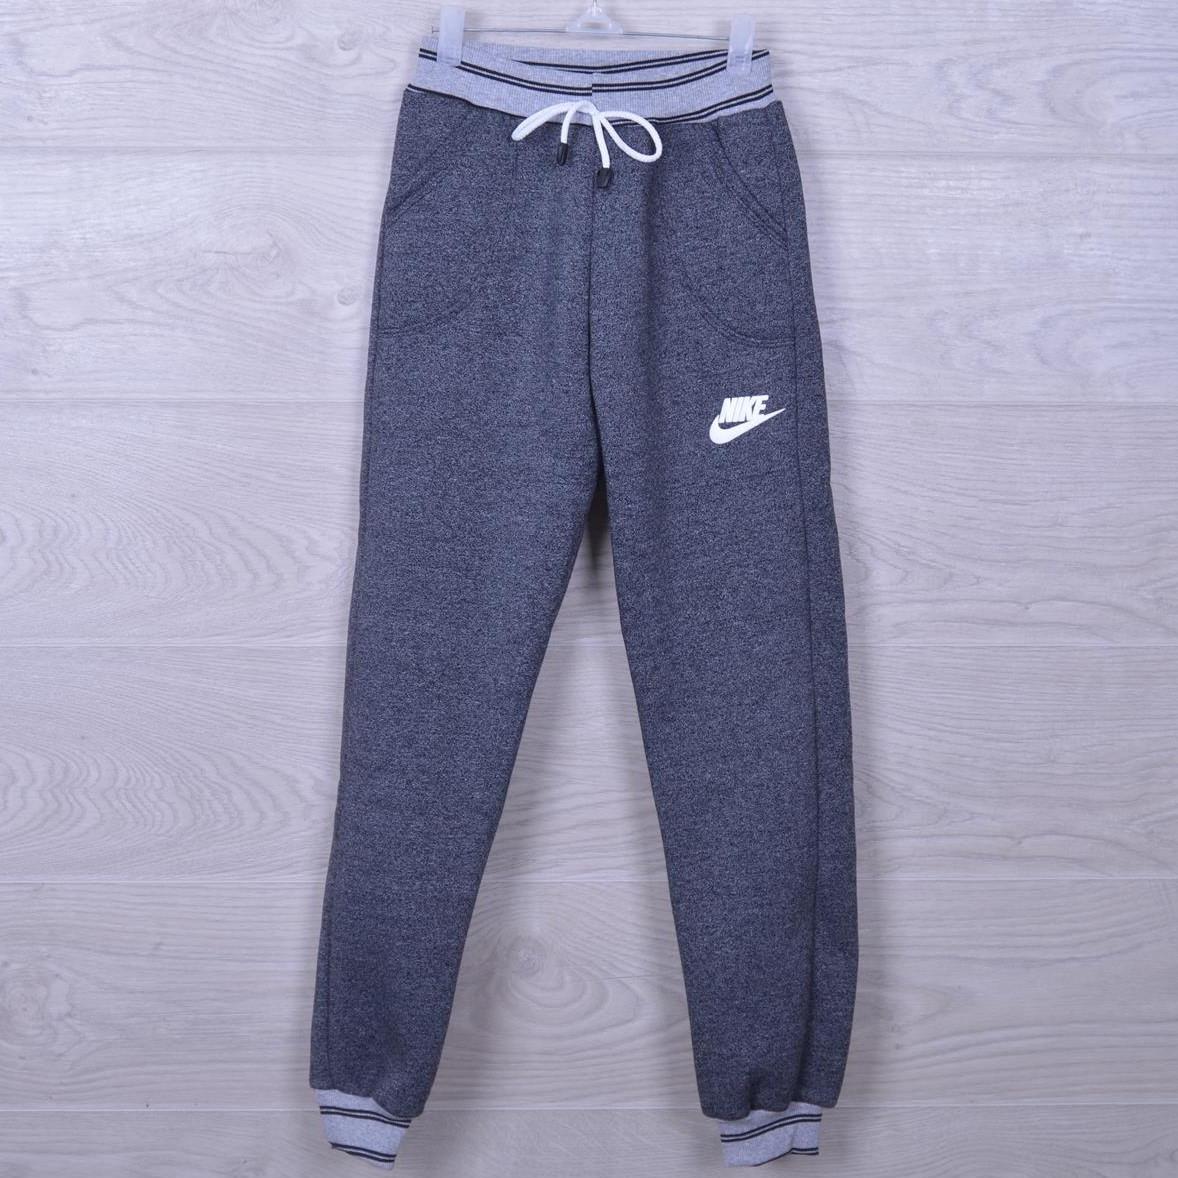 """Утепленные спортивные штаны """"Nike реплика"""". 7-12 лет. Серые. Оптом"""